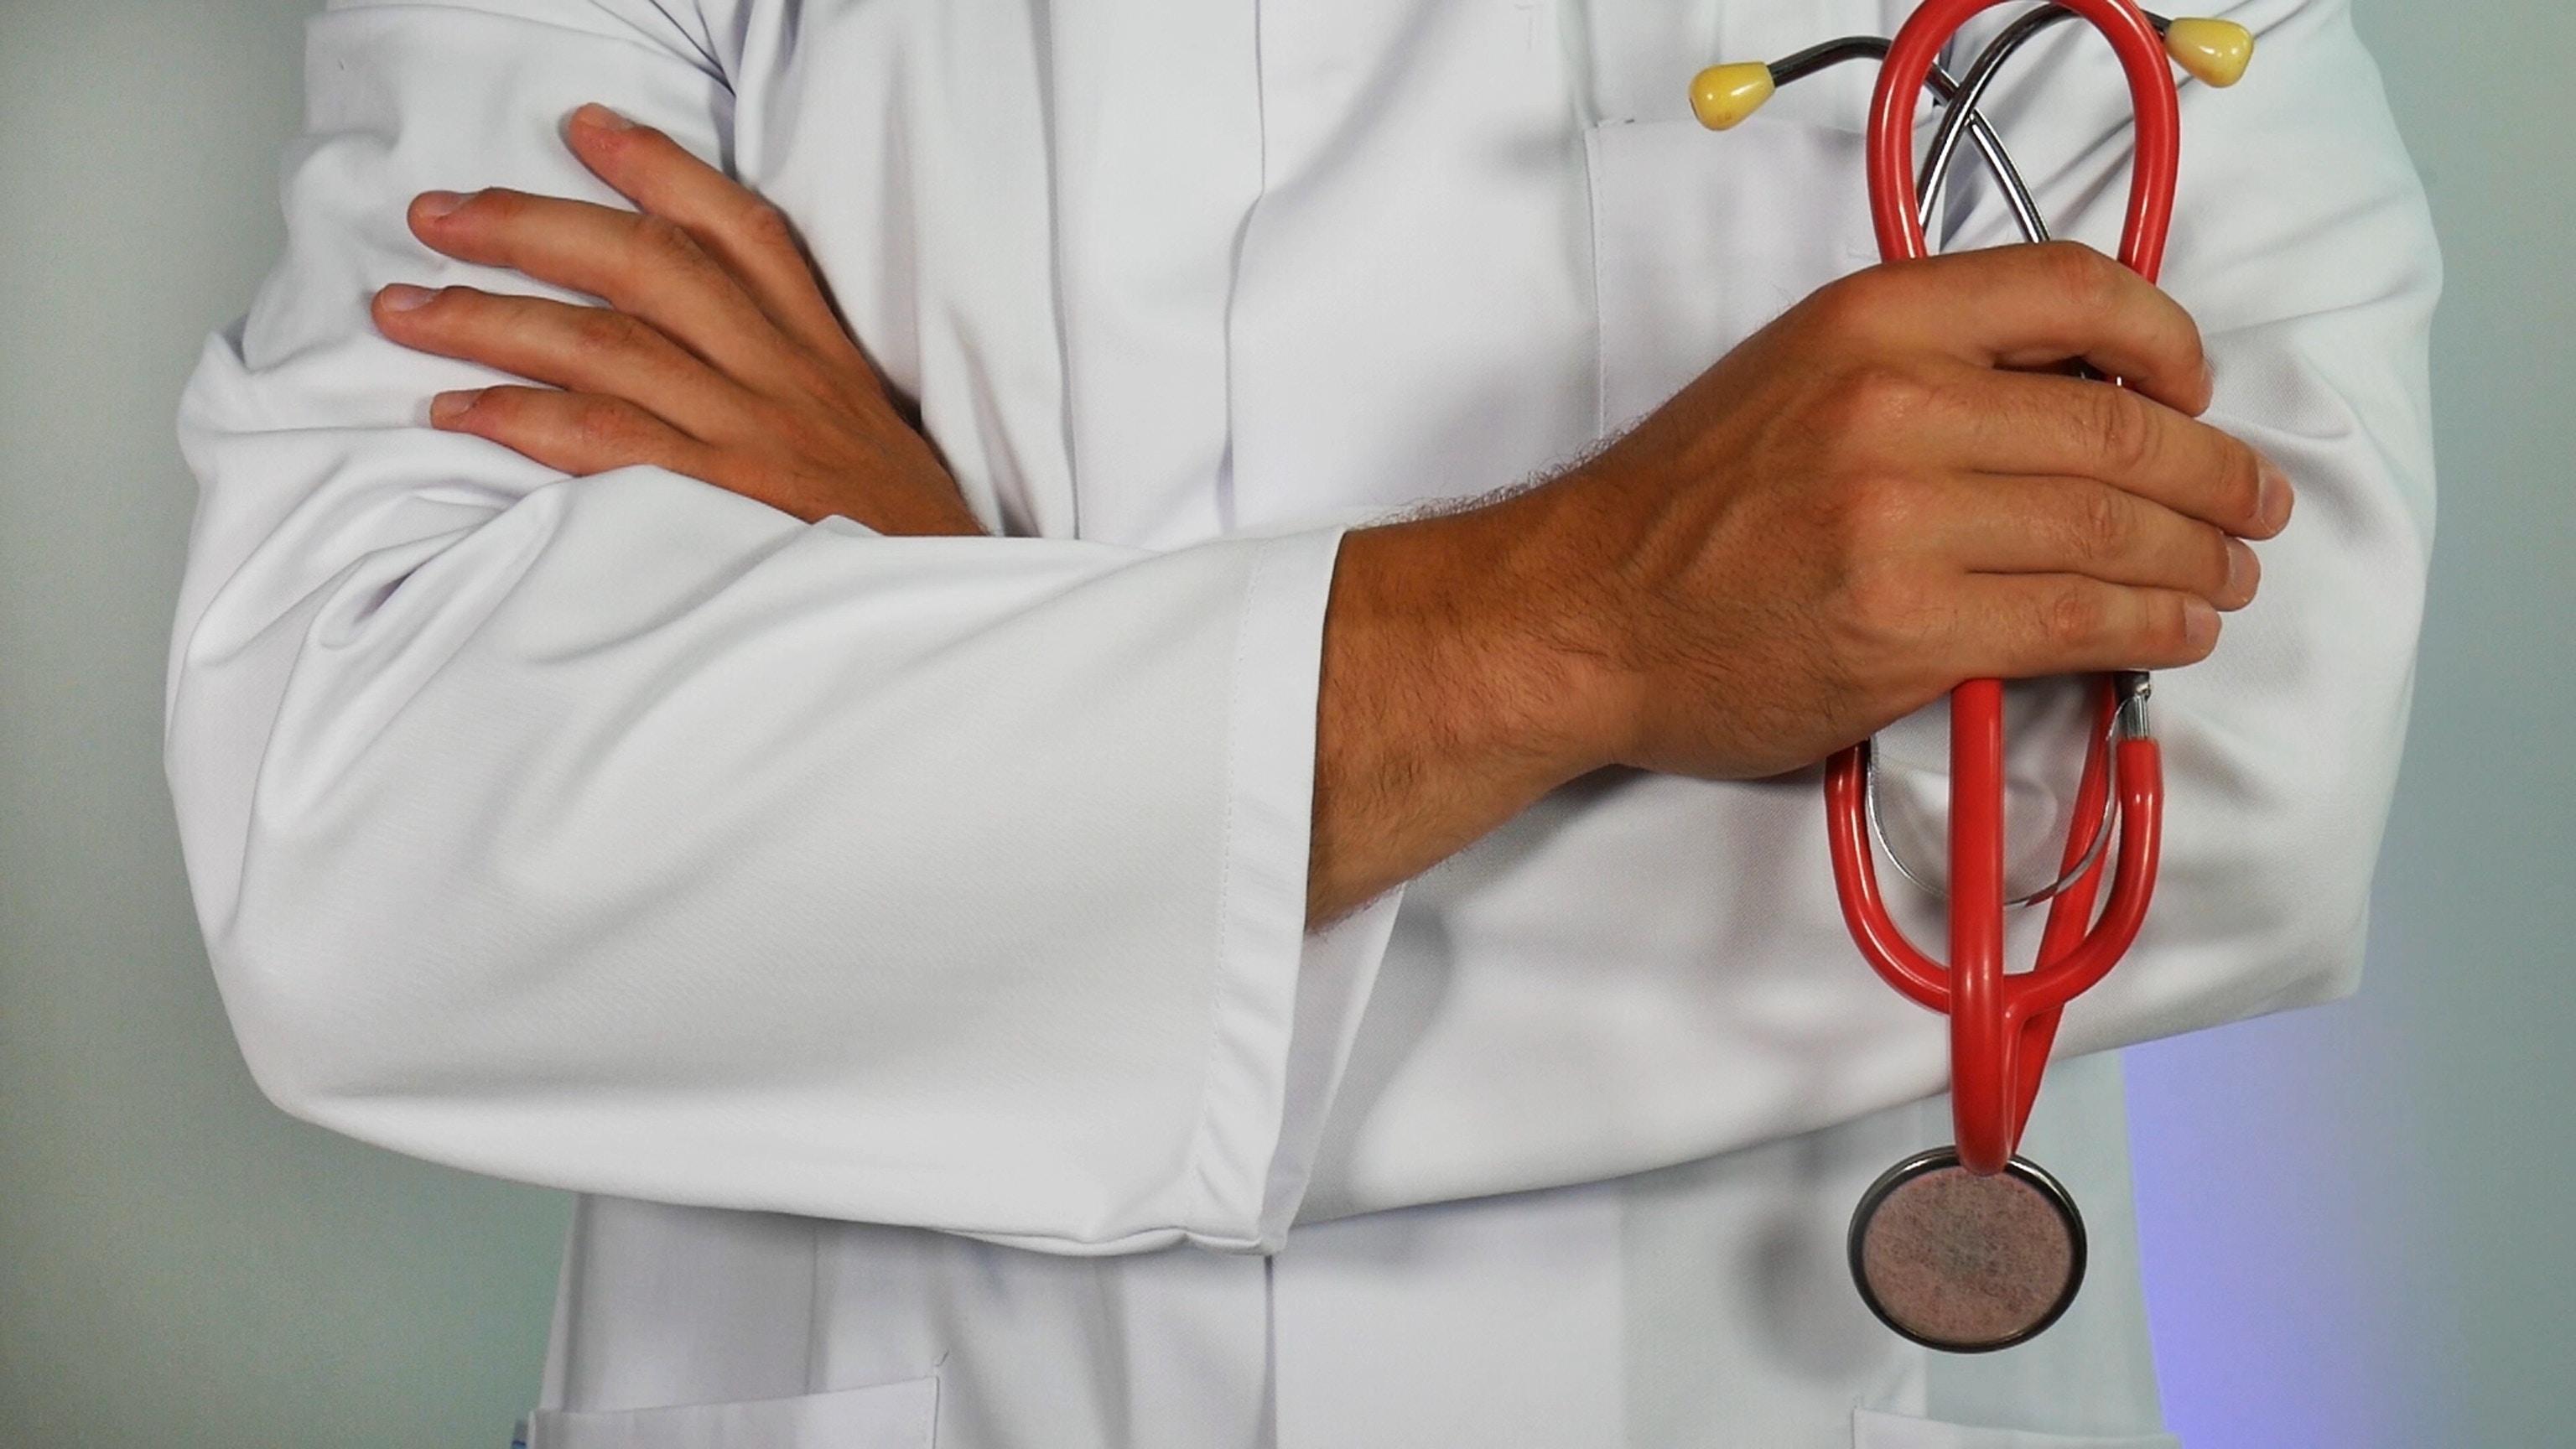 Exerço a função de médico autônomo e empregado em hospital particular e minha aposentadoria especial foi negada pelo INSS. O que eu faço?